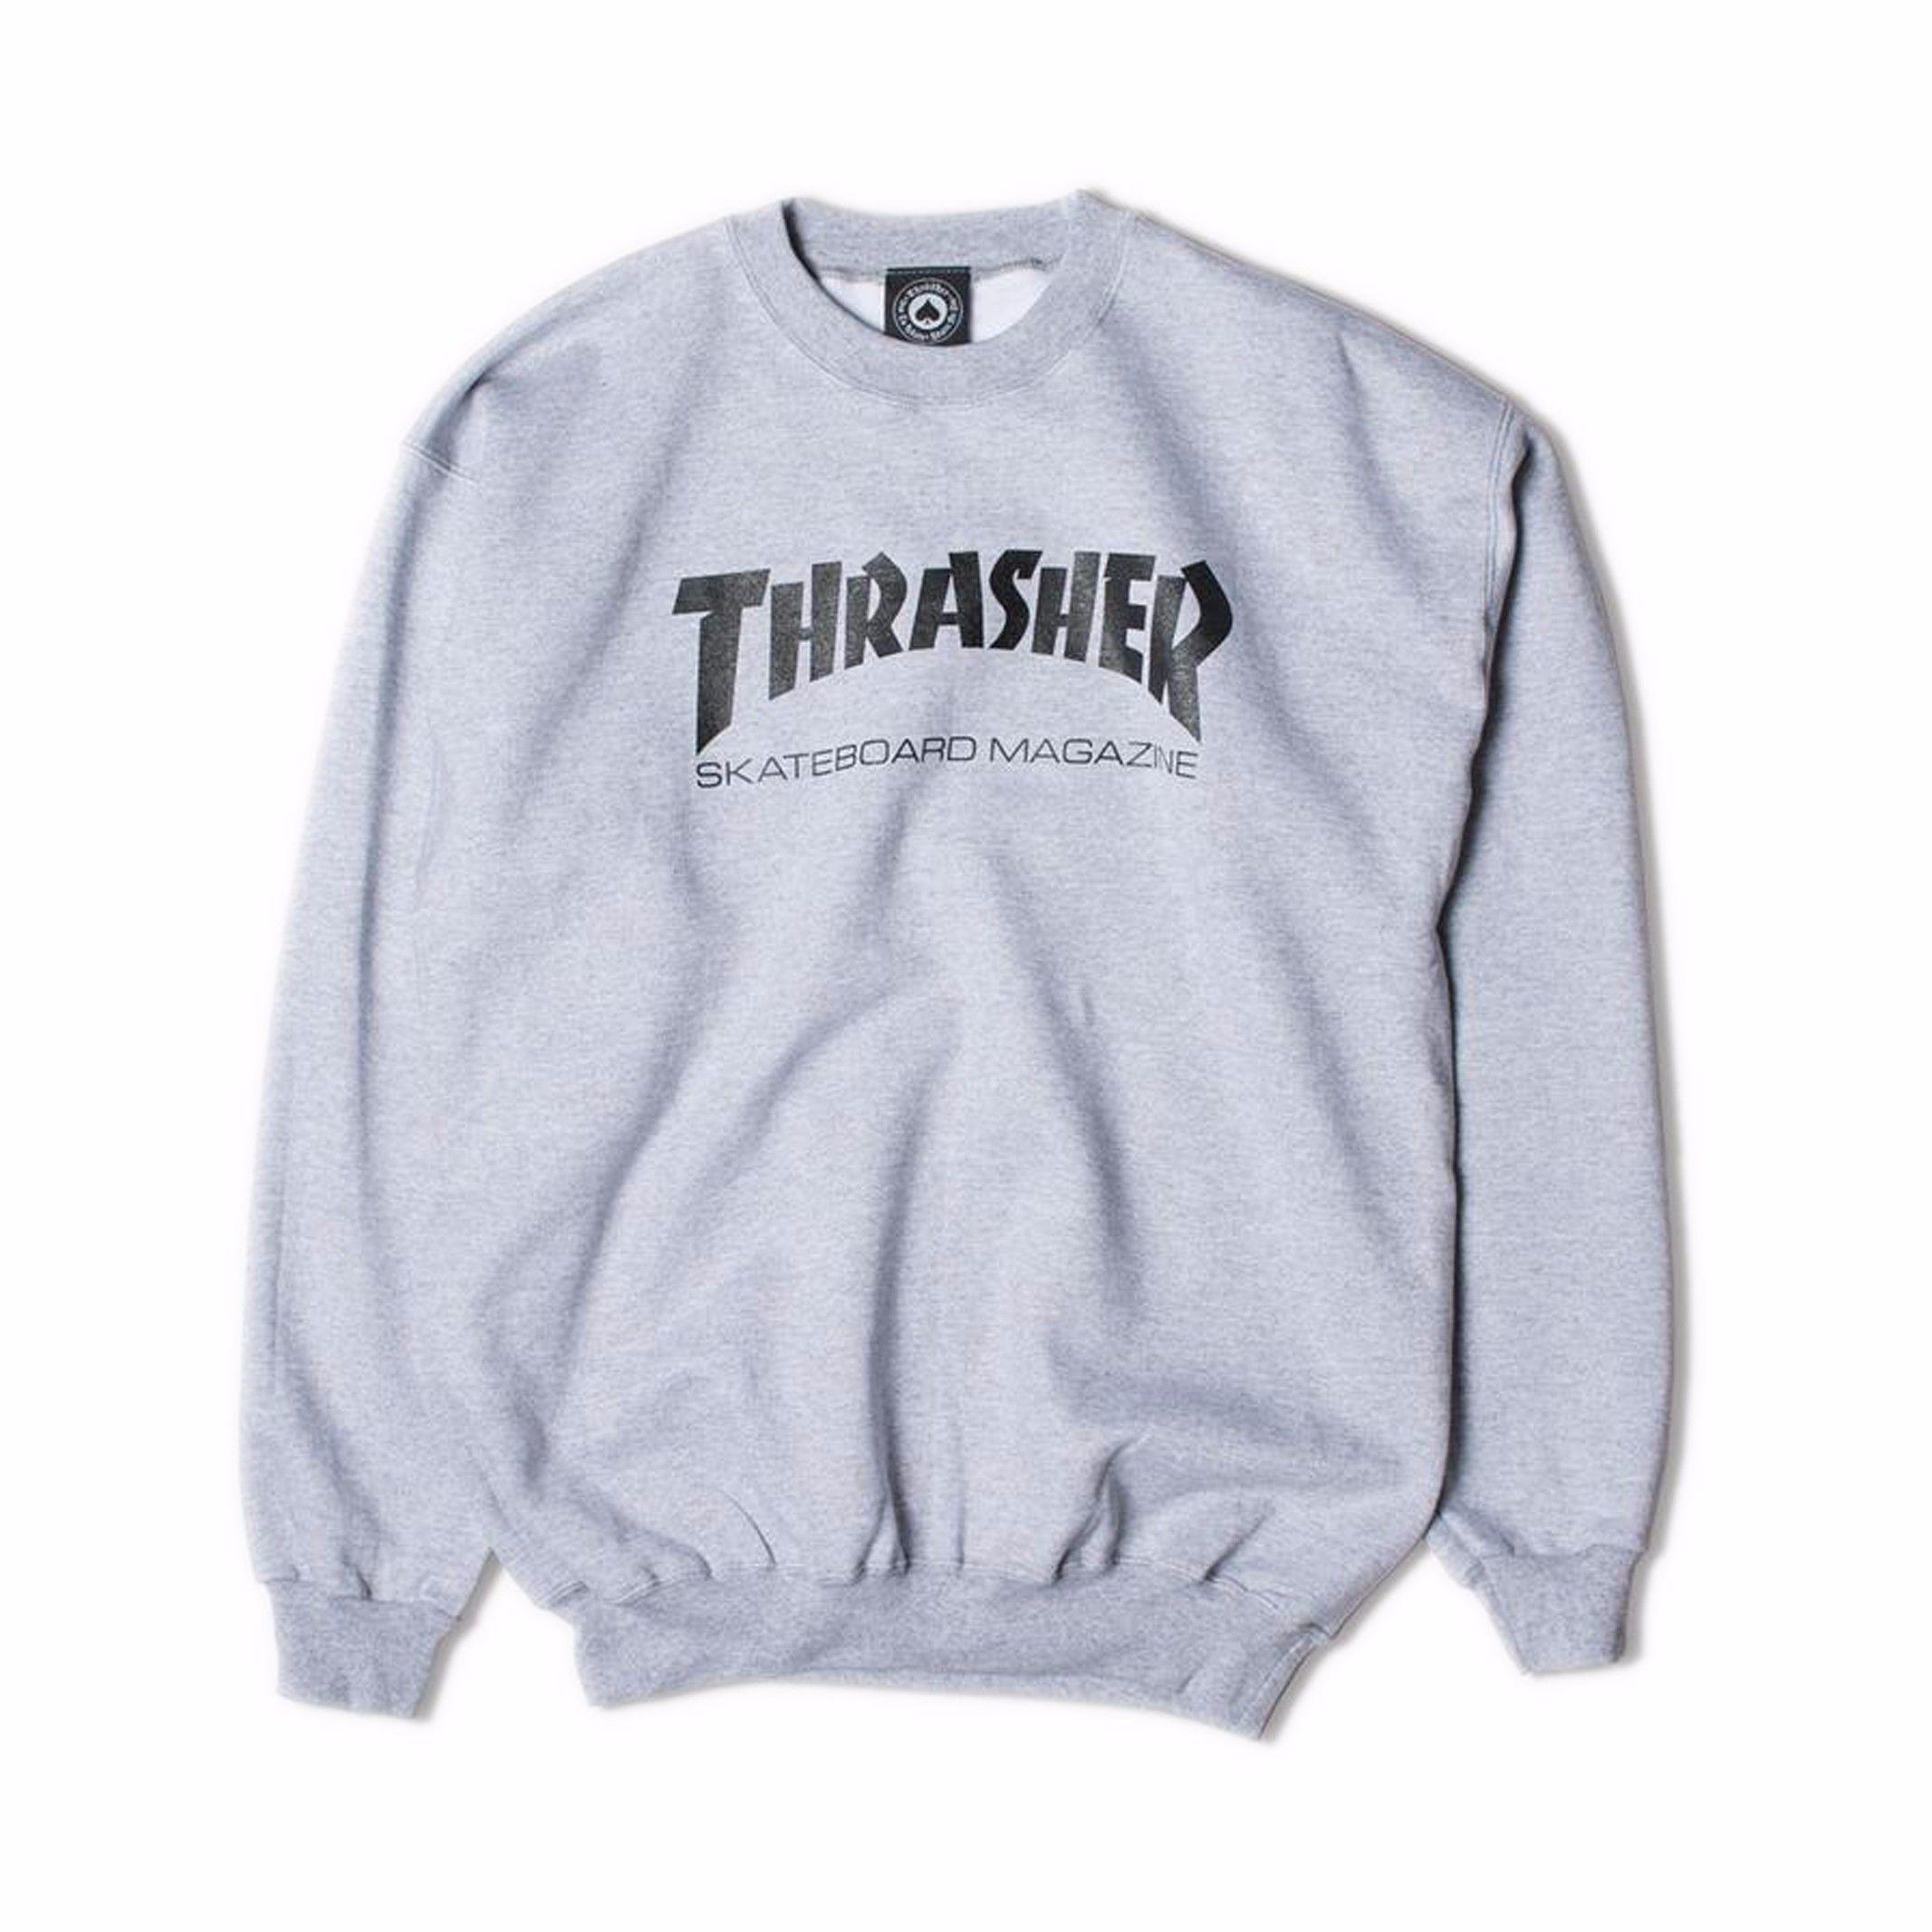 THRASHER【 スラッシャー】MAG LOGO CREWNECK トレーナー グレー